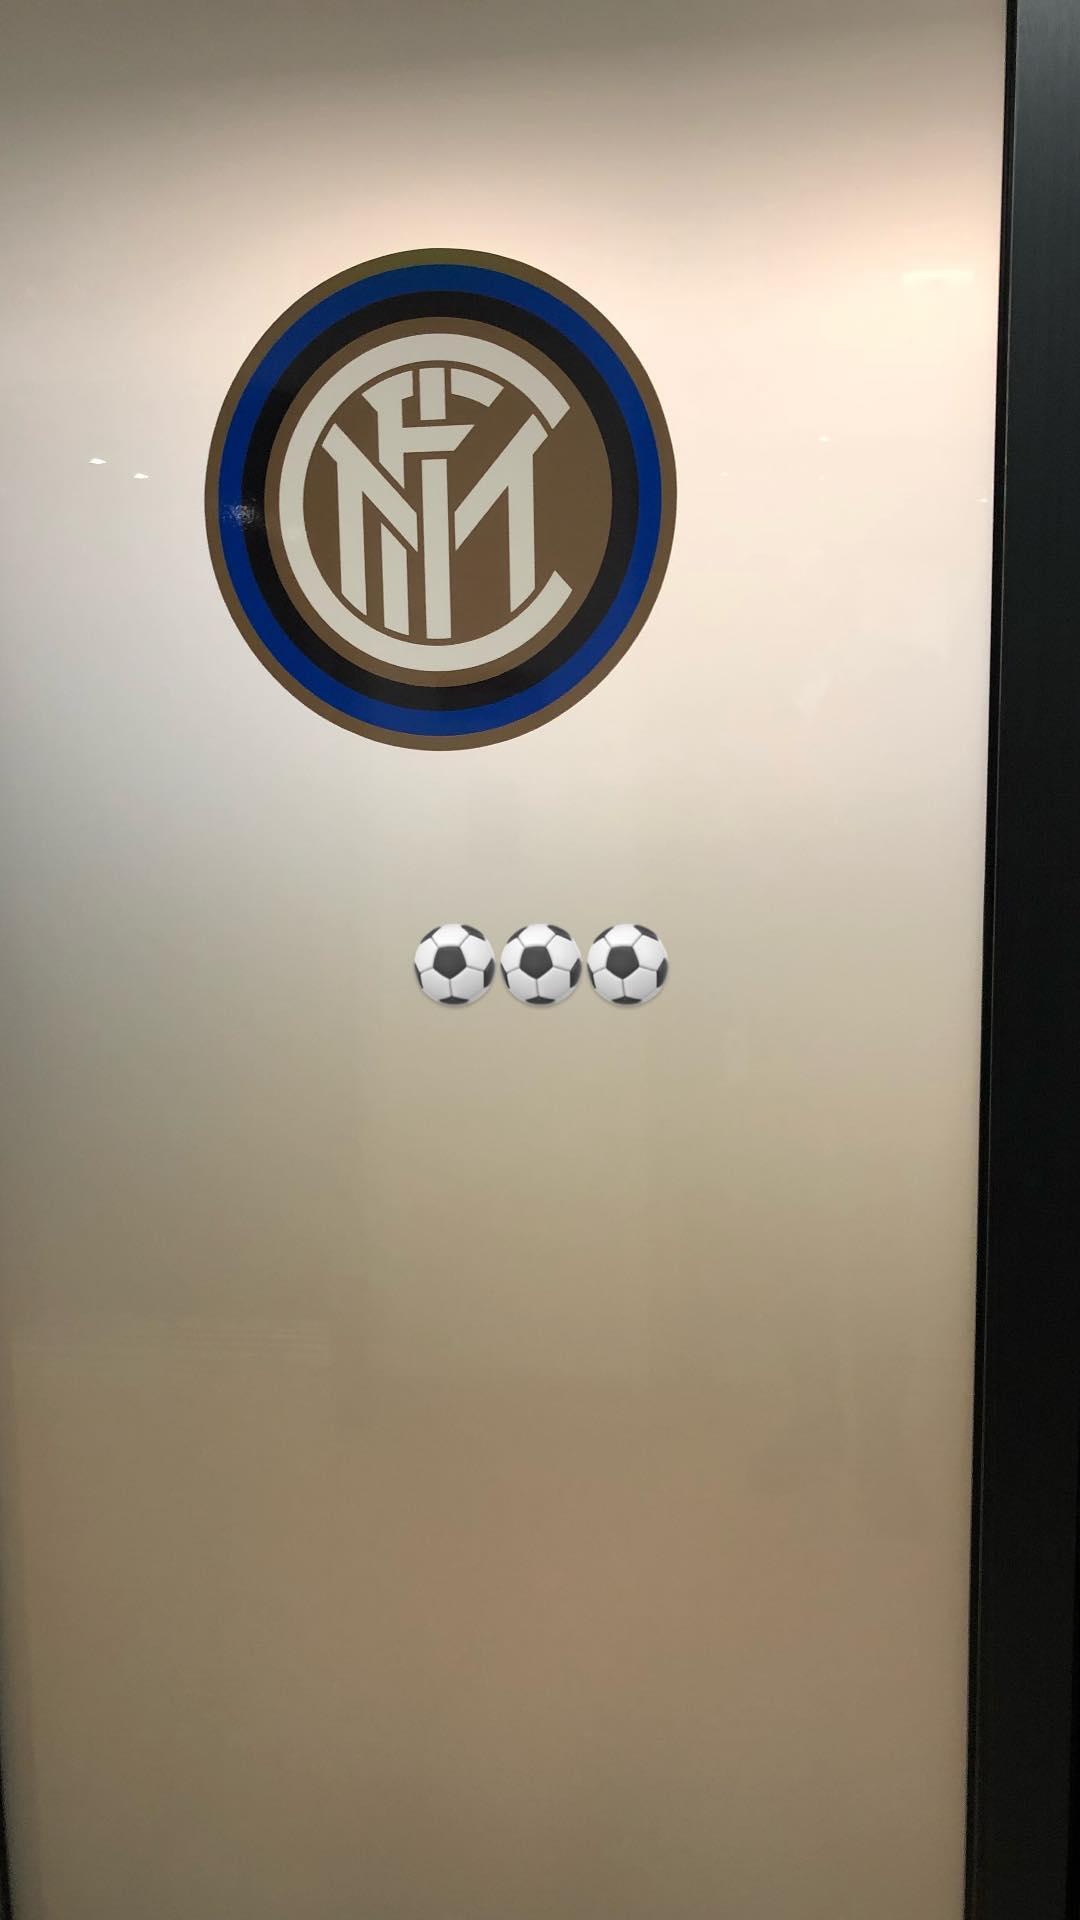 Calciomercato, l'Inter su Salvio: spunta un indizio